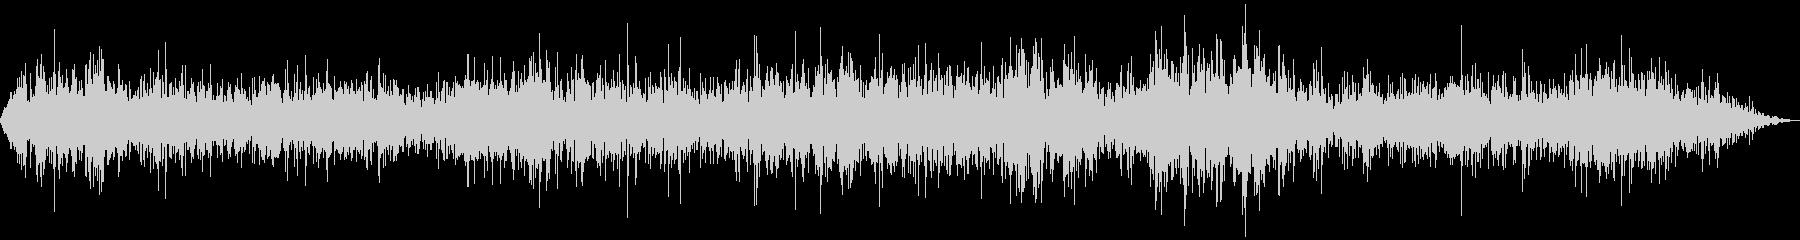 アンティークチューブ無線ラジオの未再生の波形